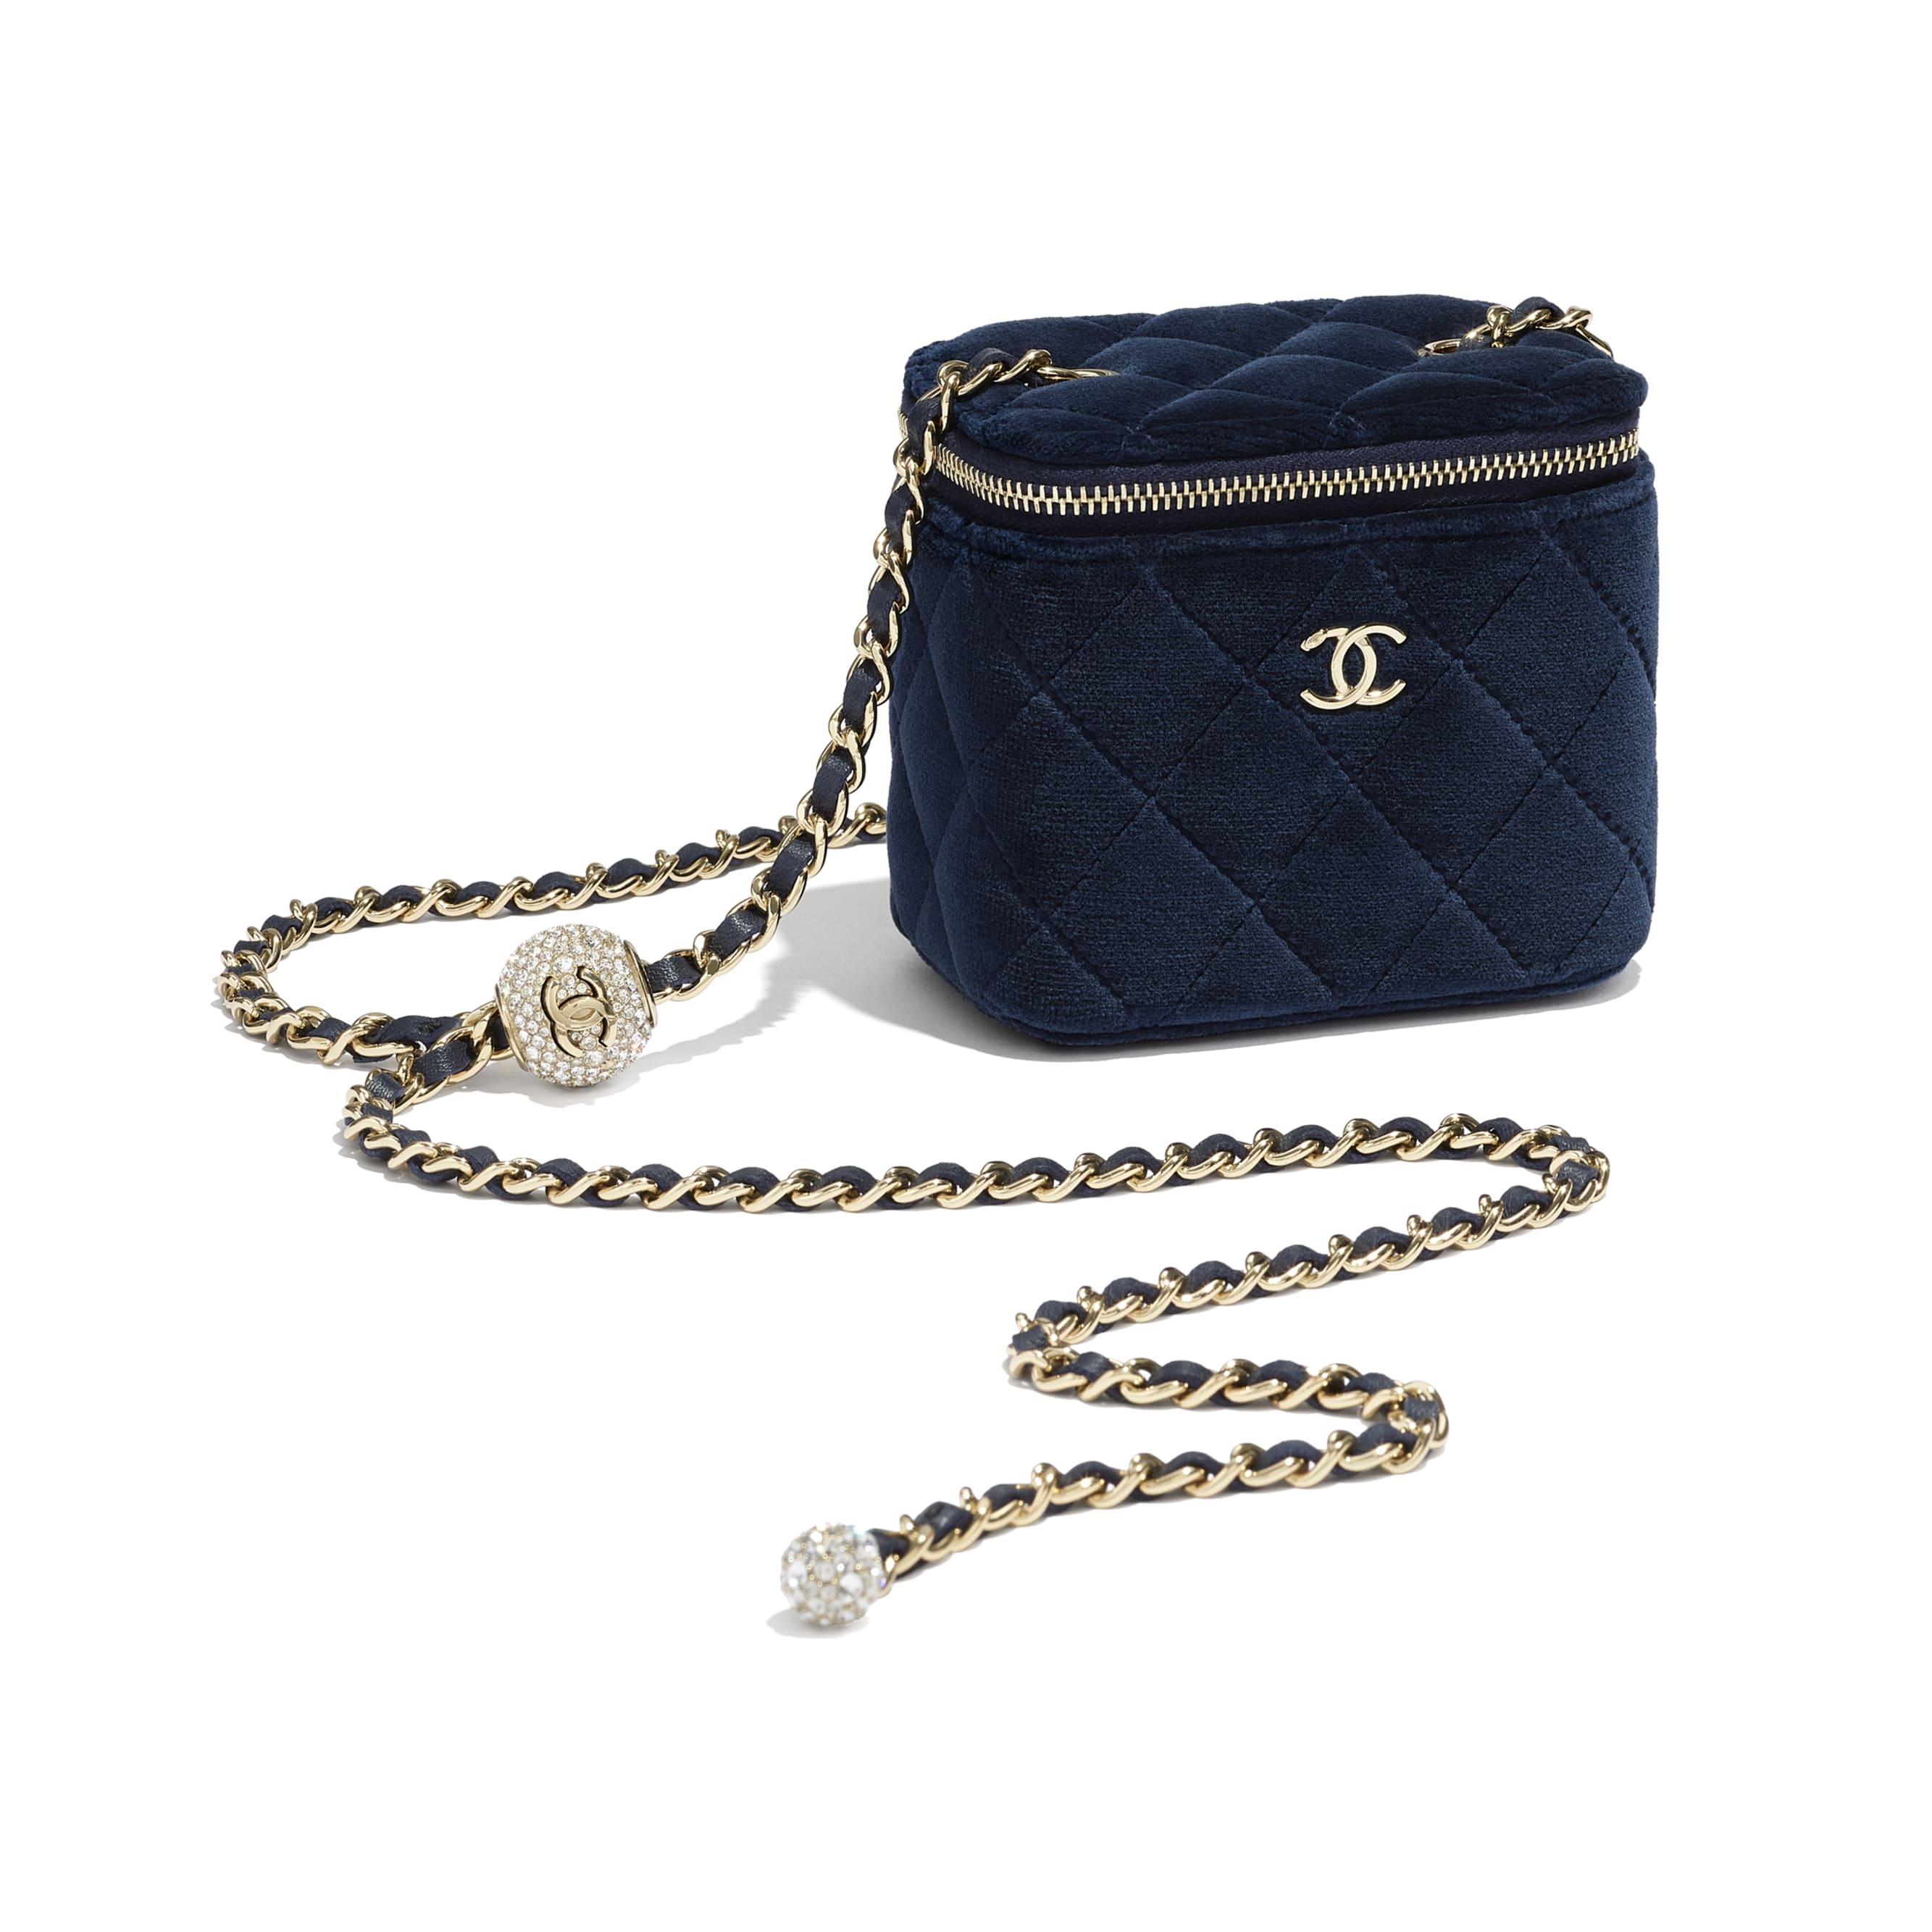 กระเป๋า Vanity ขนาดเล็ก พร้อมสายโซ่ - สีน้ำเงินเนวี่บลู - กำมะหยี่, คริสตัล และโลหะสีทอง - CHANEL - มุมมองพิเศษ - ดูเวอร์ชันขนาดมาตรฐาน